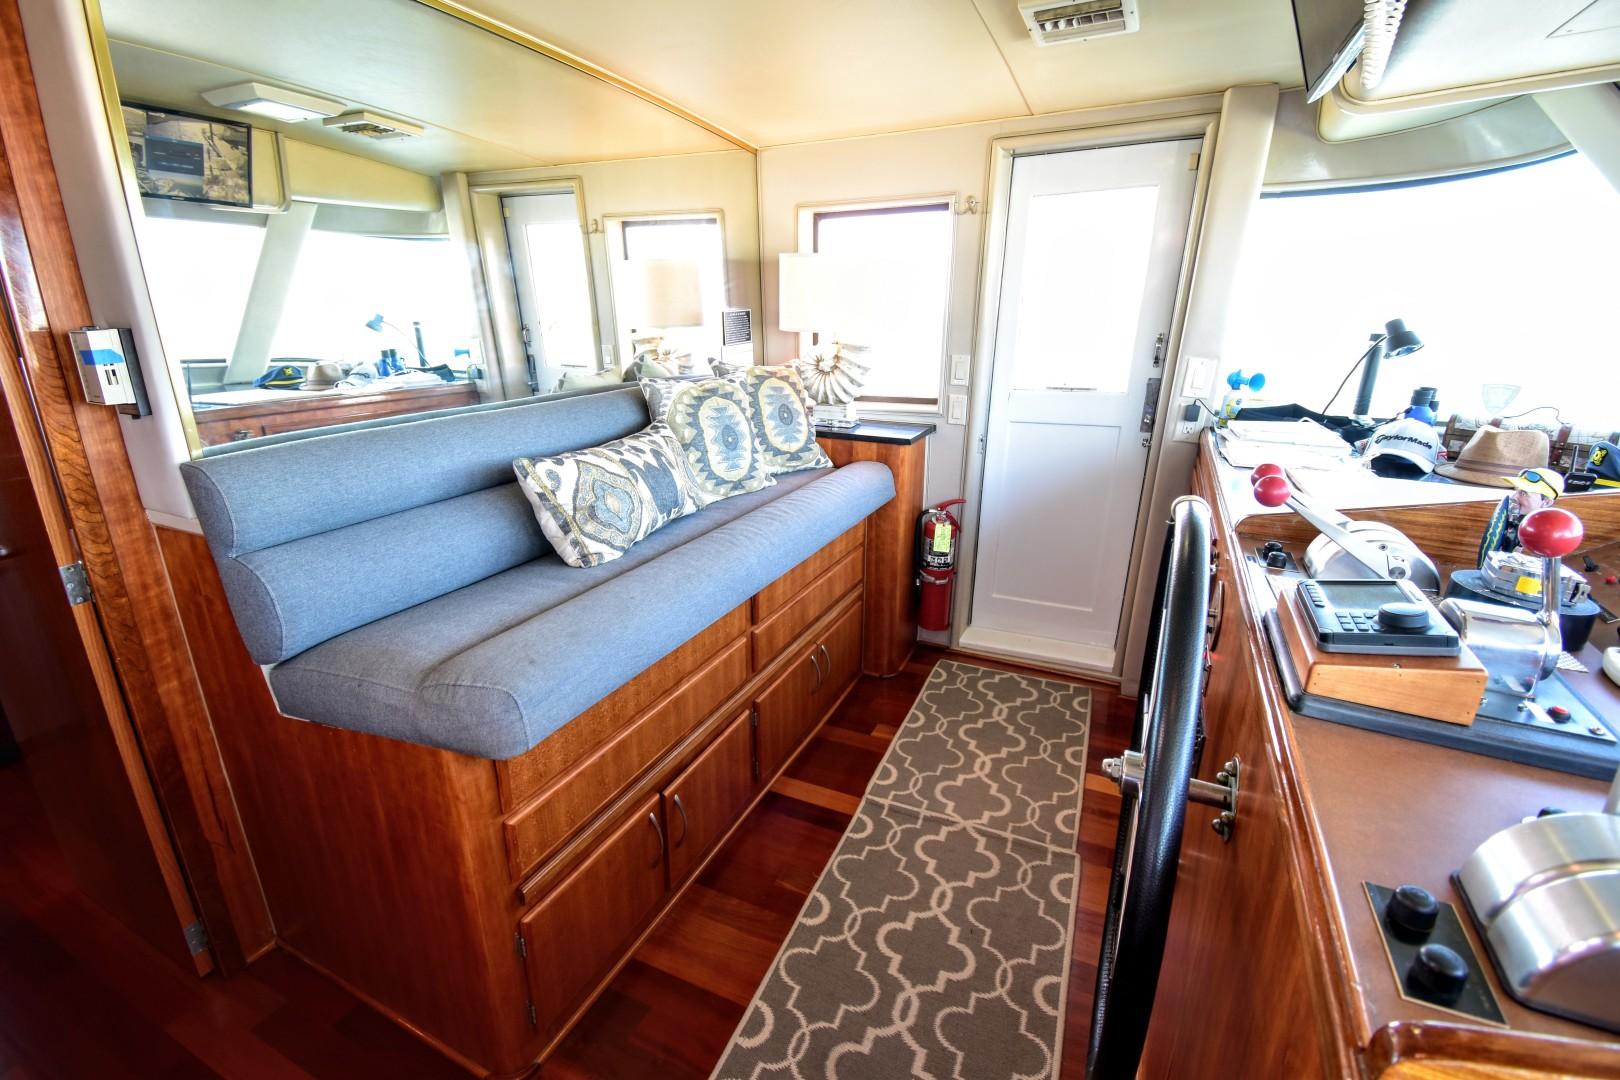 Hatteras-82 Cockpit Motor Yacht 1985-Papillon Seabrook-Texas-United States-Hatteras Motor Yacht 1985 Papillon-1345386 | Thumbnail